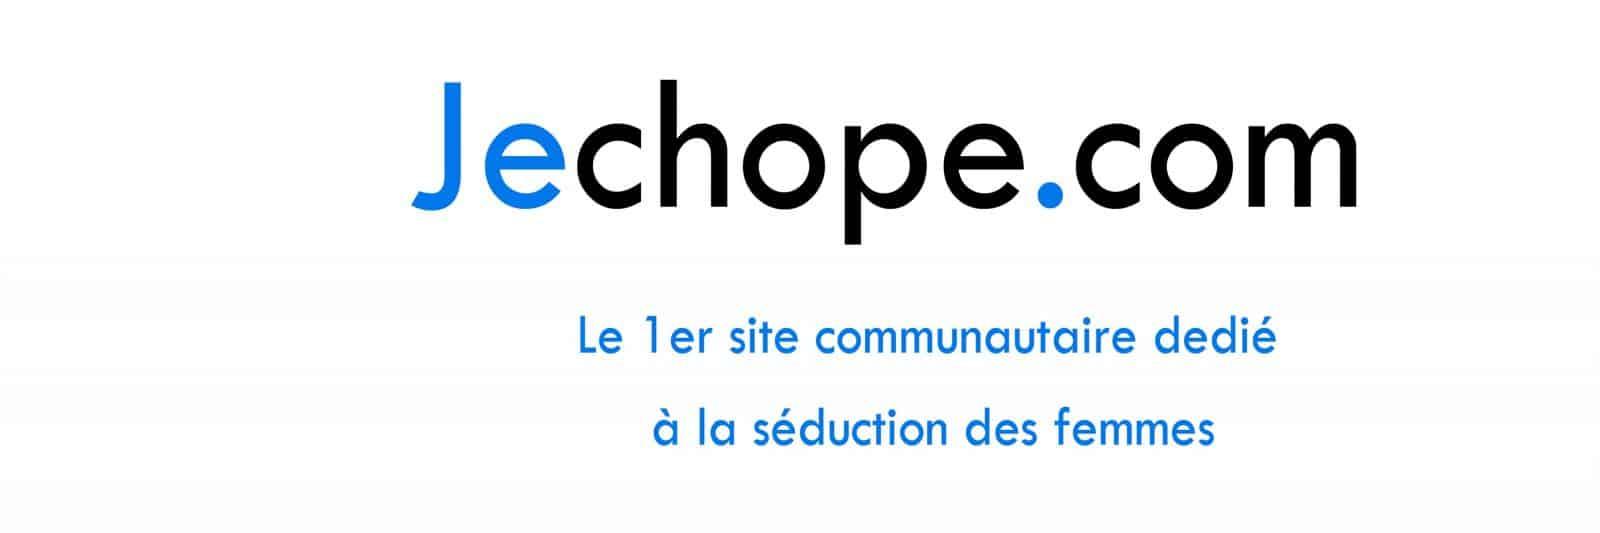 jechope.com où choper à paris